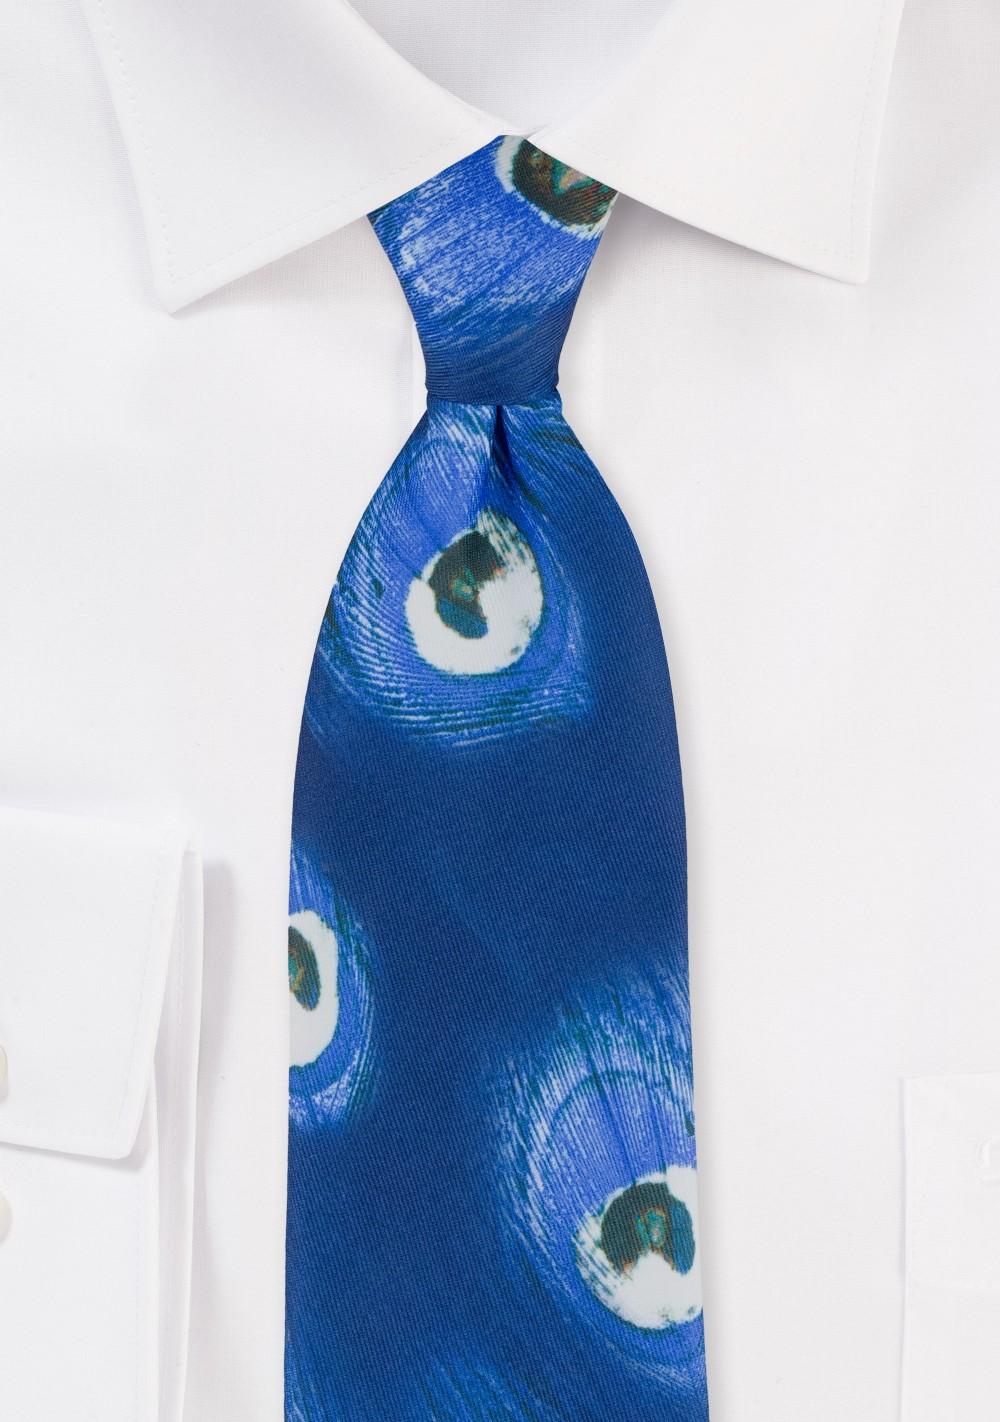 Peacock Print Tie in Blues